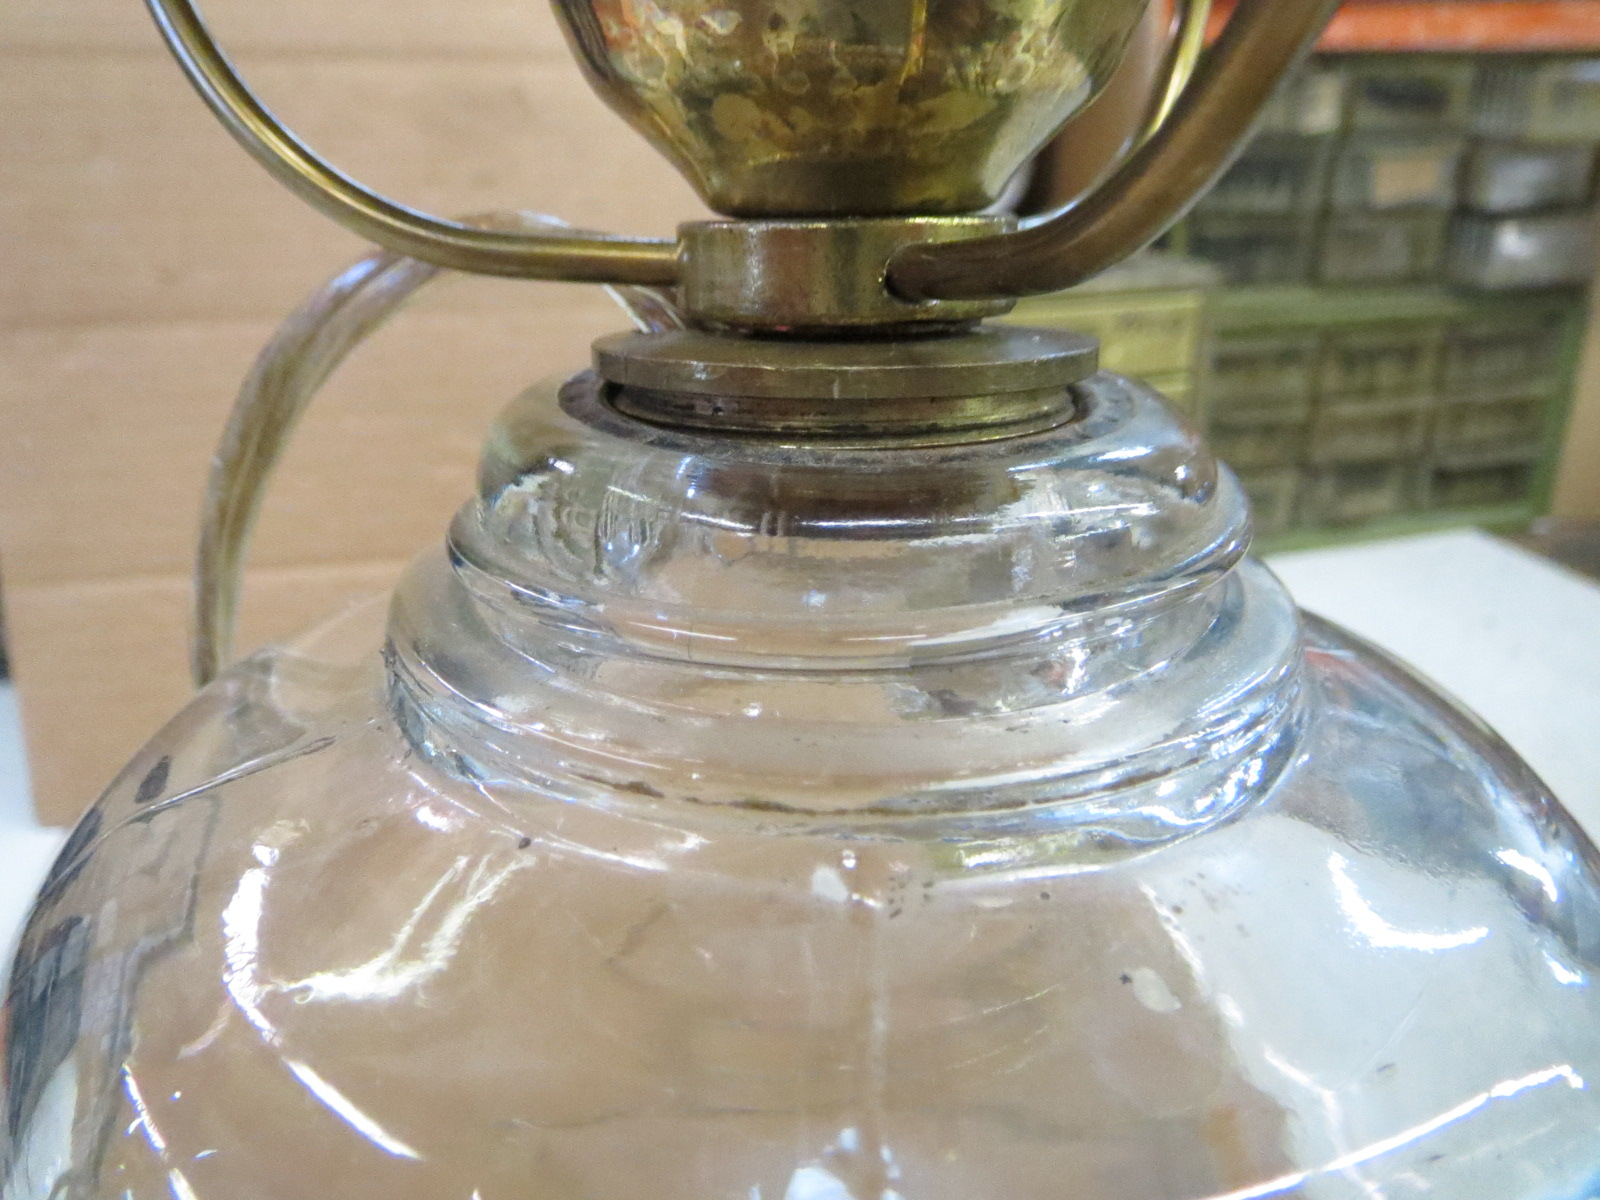 Lamp Parts and Repair | Lamp Doctor: Electrified Oil Lamp ...